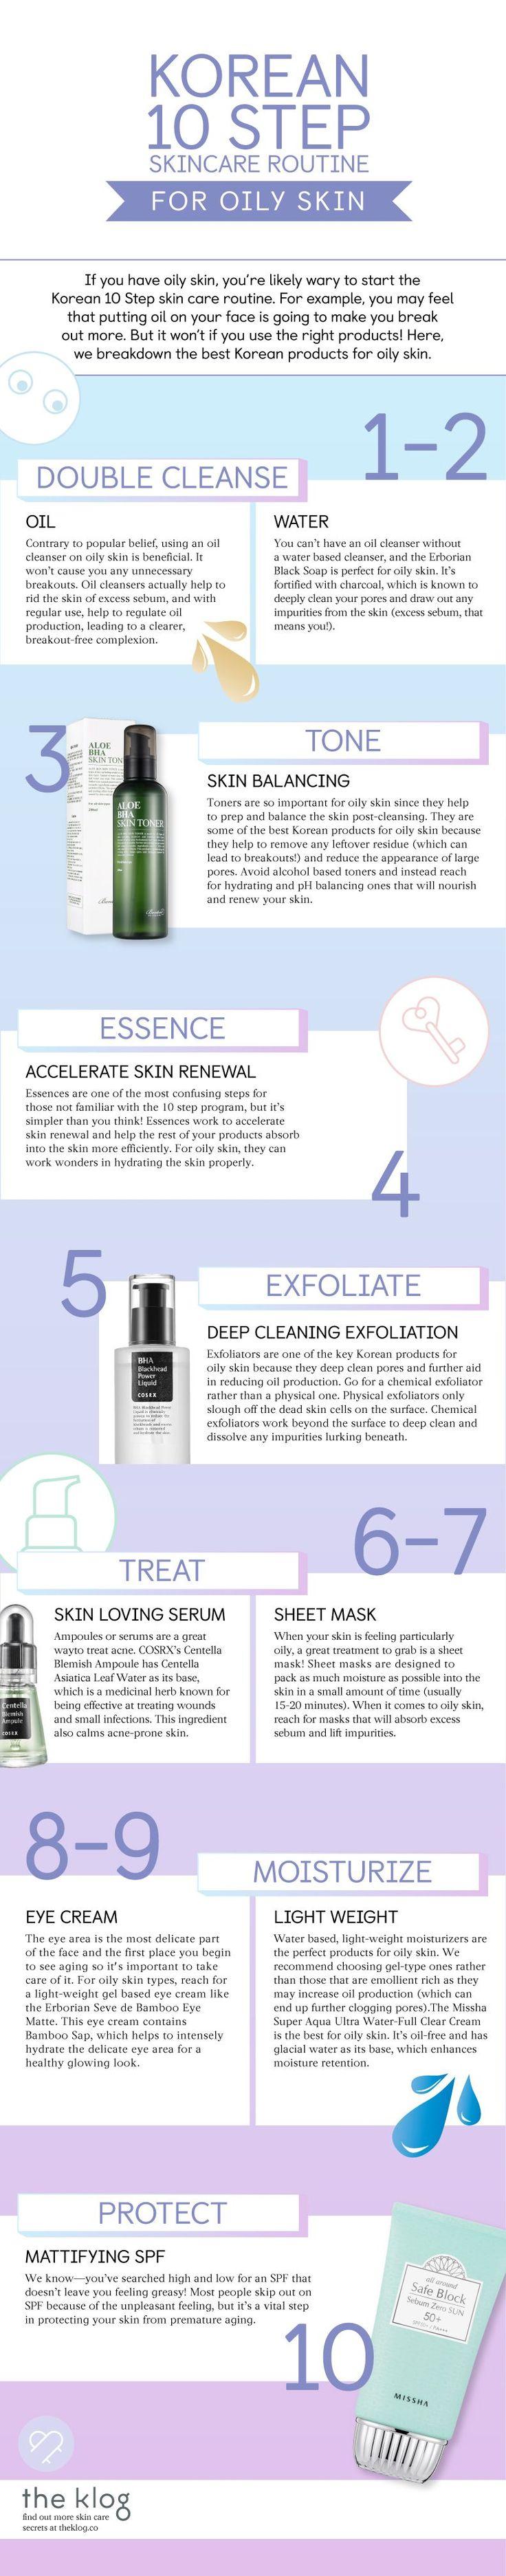 The Korean 10 Step Routine for Oily Skin